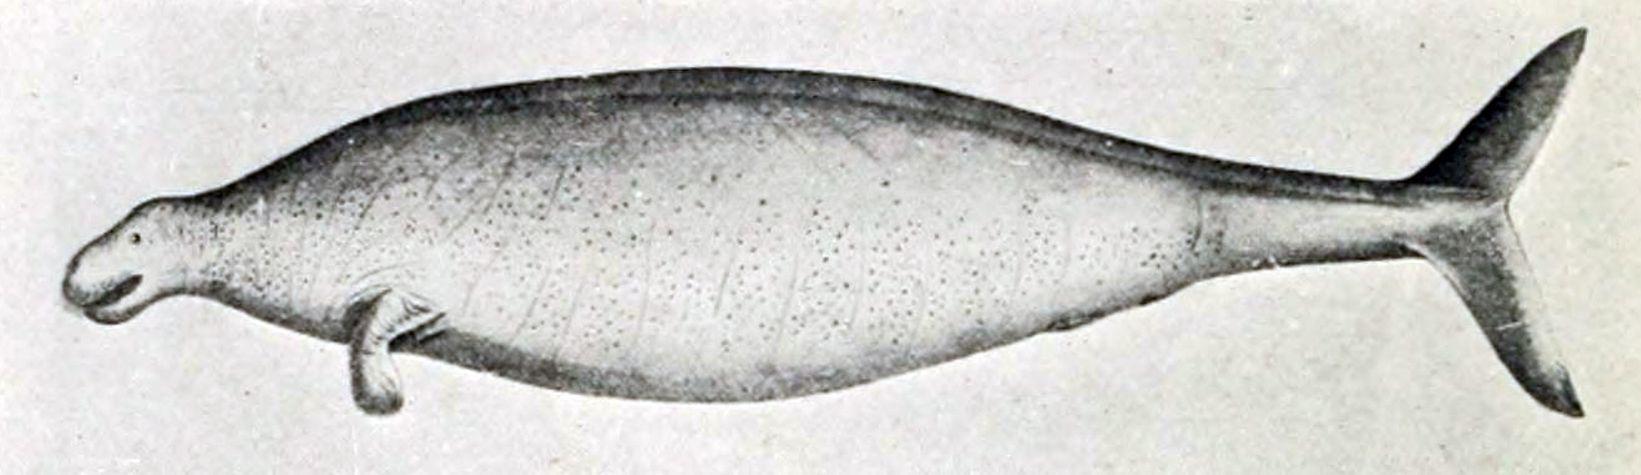 Drawn steller's sea eagle Steller (The History Steller's De